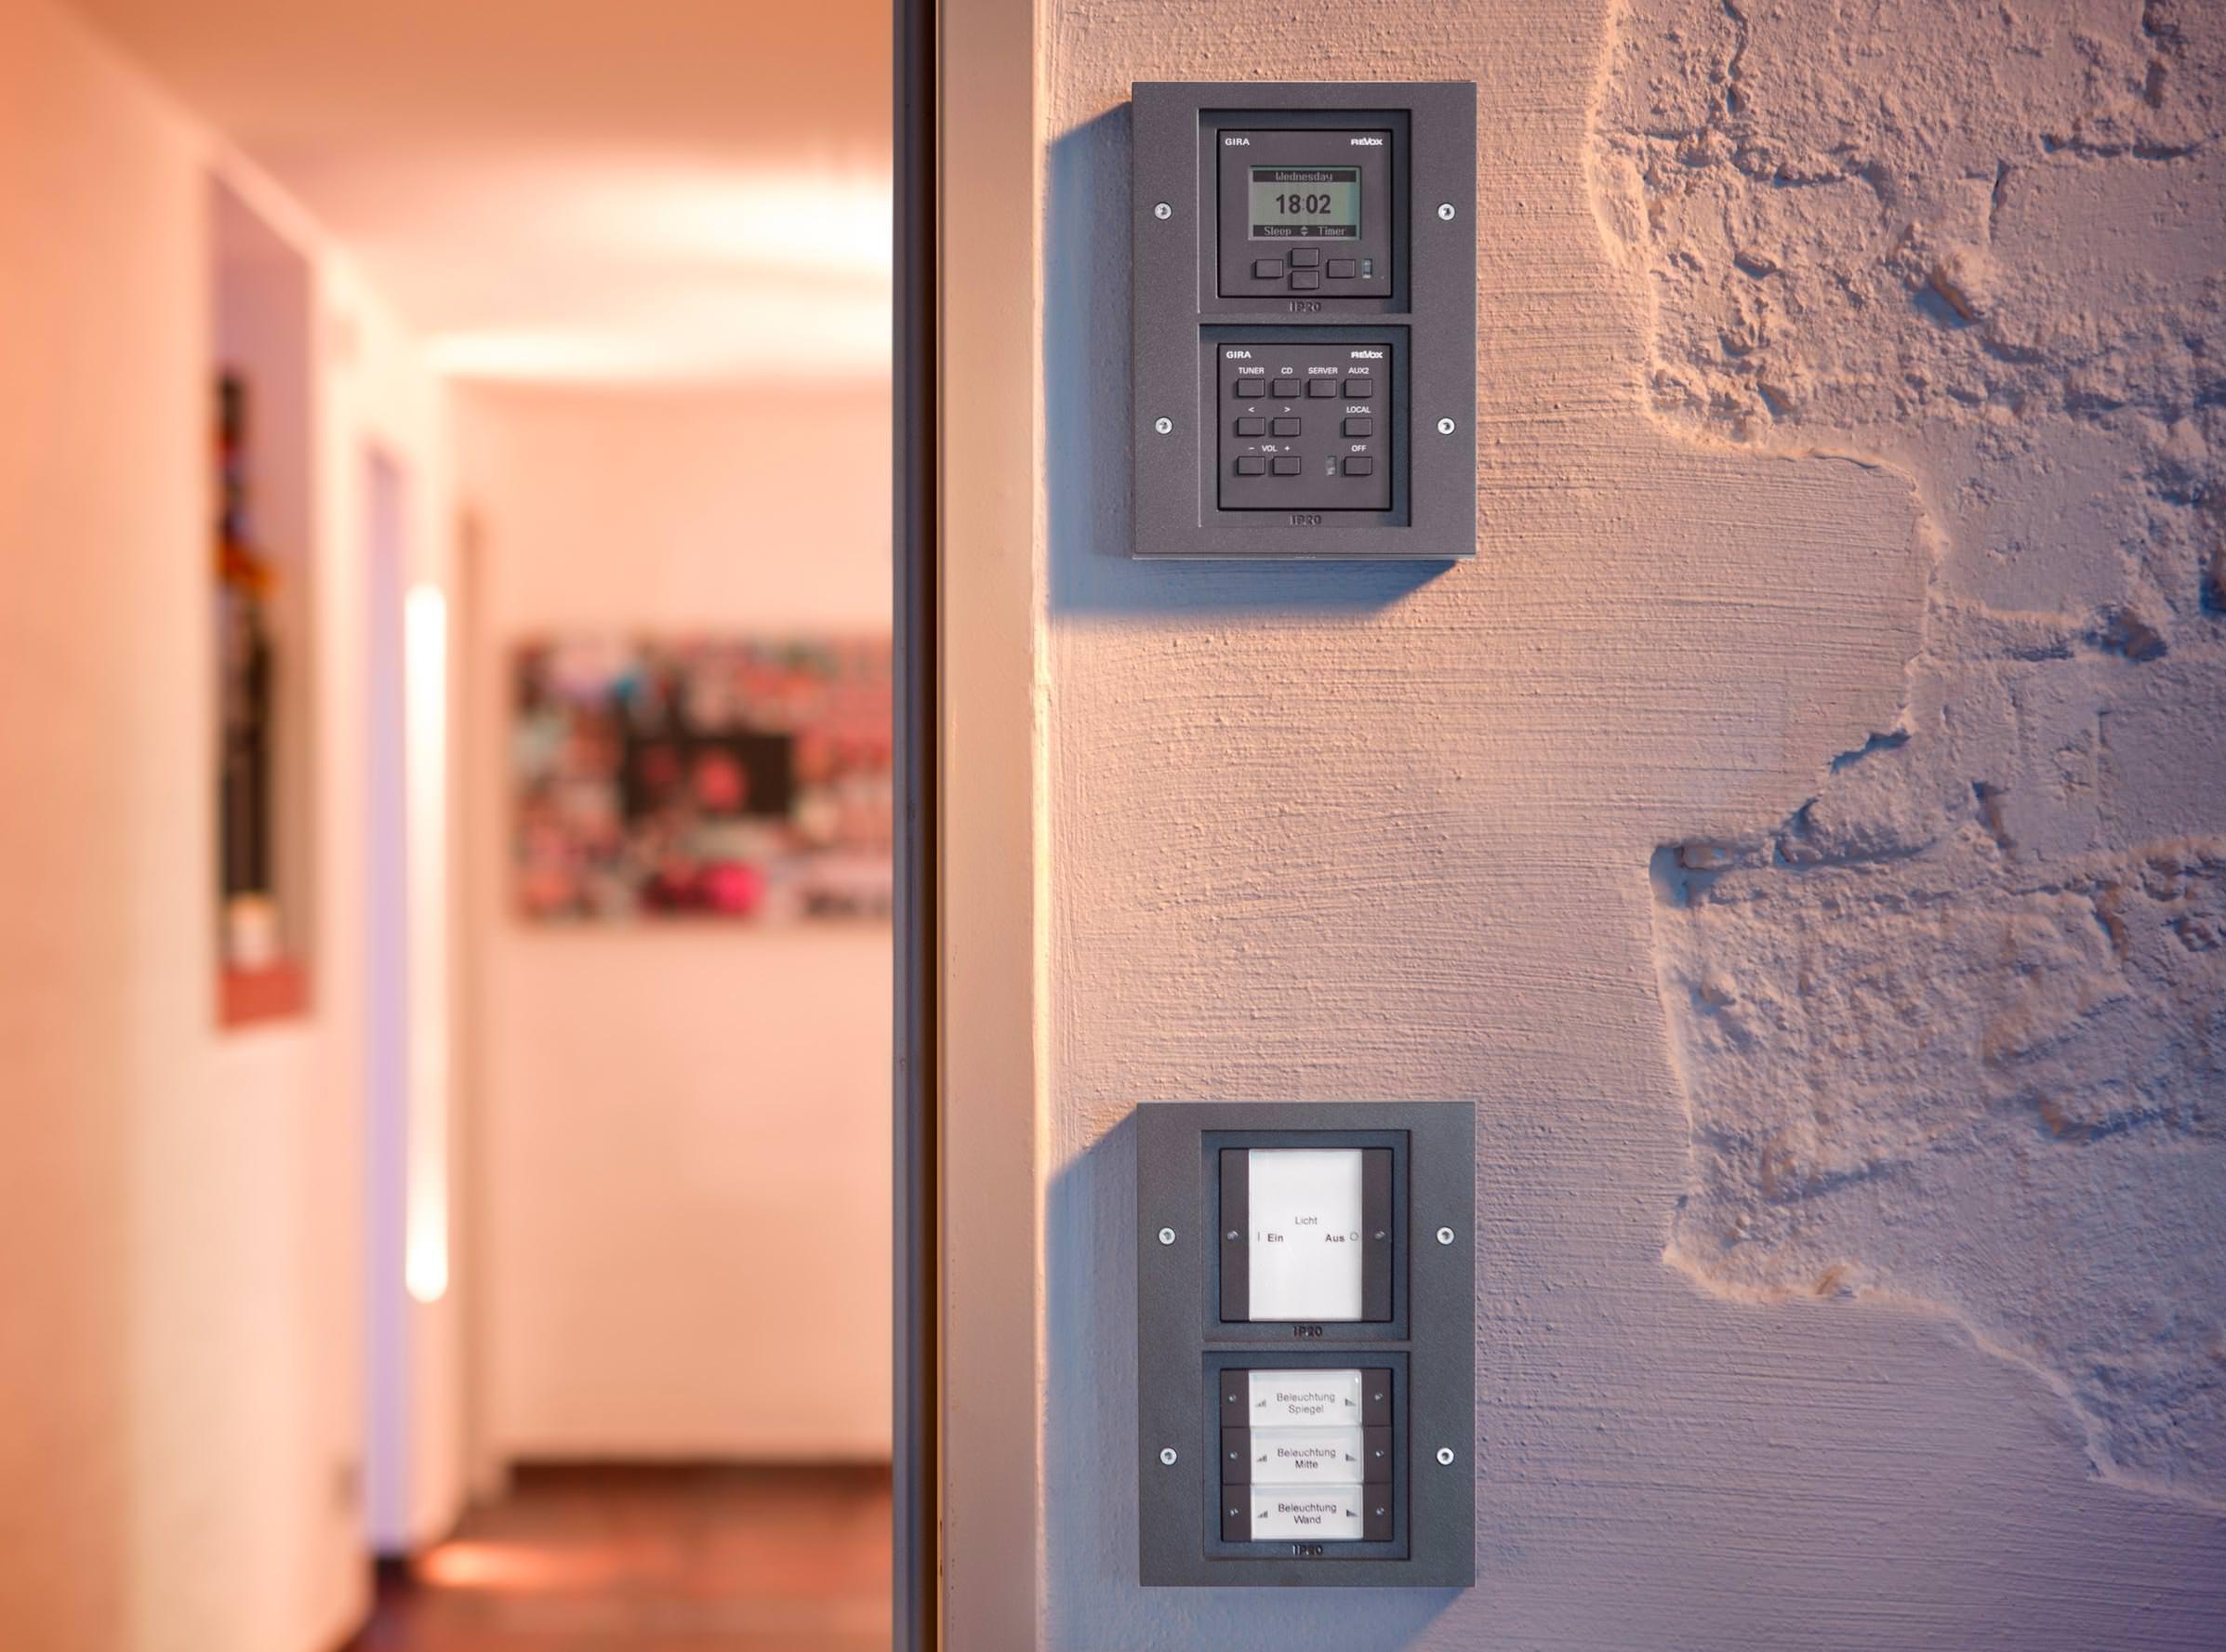 gira tx 44 funktionales schalterprogramm mit designanspruch f r innen und au en. Black Bedroom Furniture Sets. Home Design Ideas